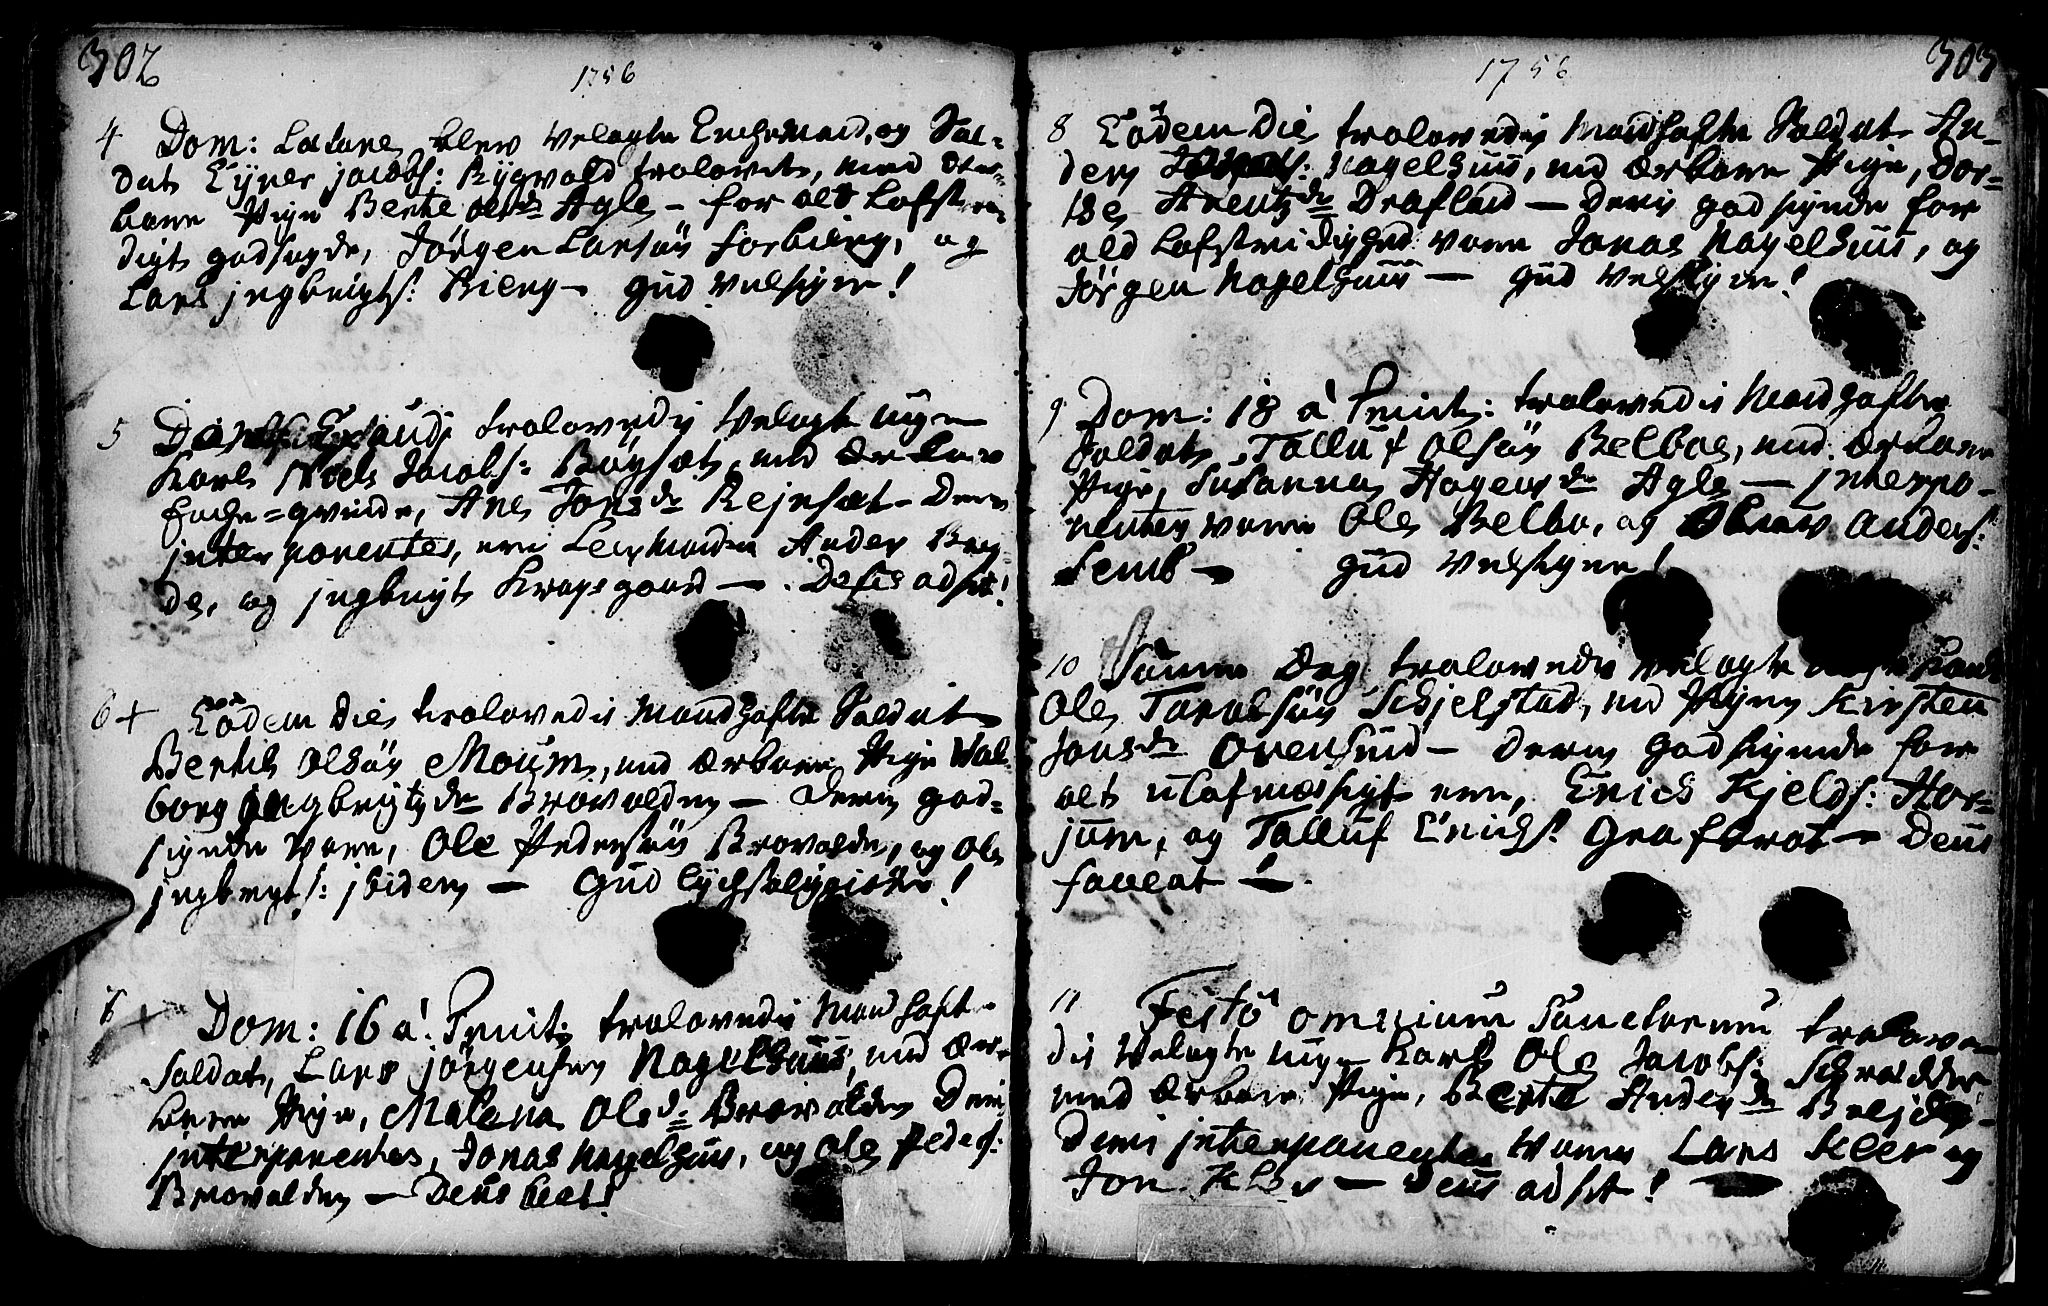 SAT, Ministerialprotokoller, klokkerbøker og fødselsregistre - Nord-Trøndelag, 749/L0467: Ministerialbok nr. 749A01, 1733-1787, s. 302-303